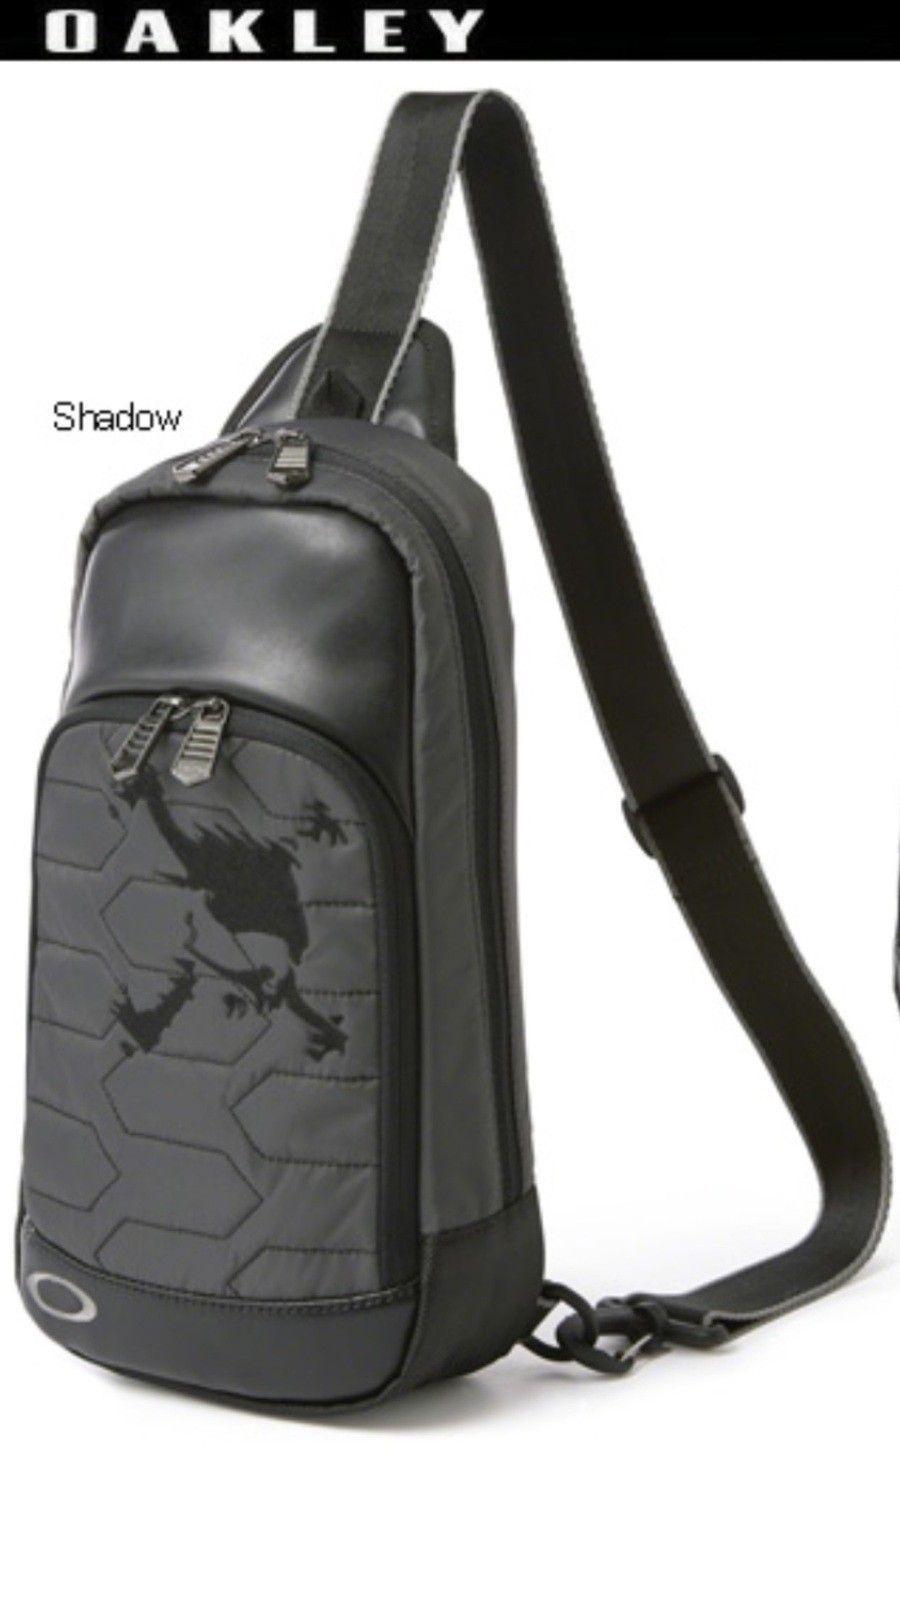 Skull sling+pouch+gloves! - image.jpg